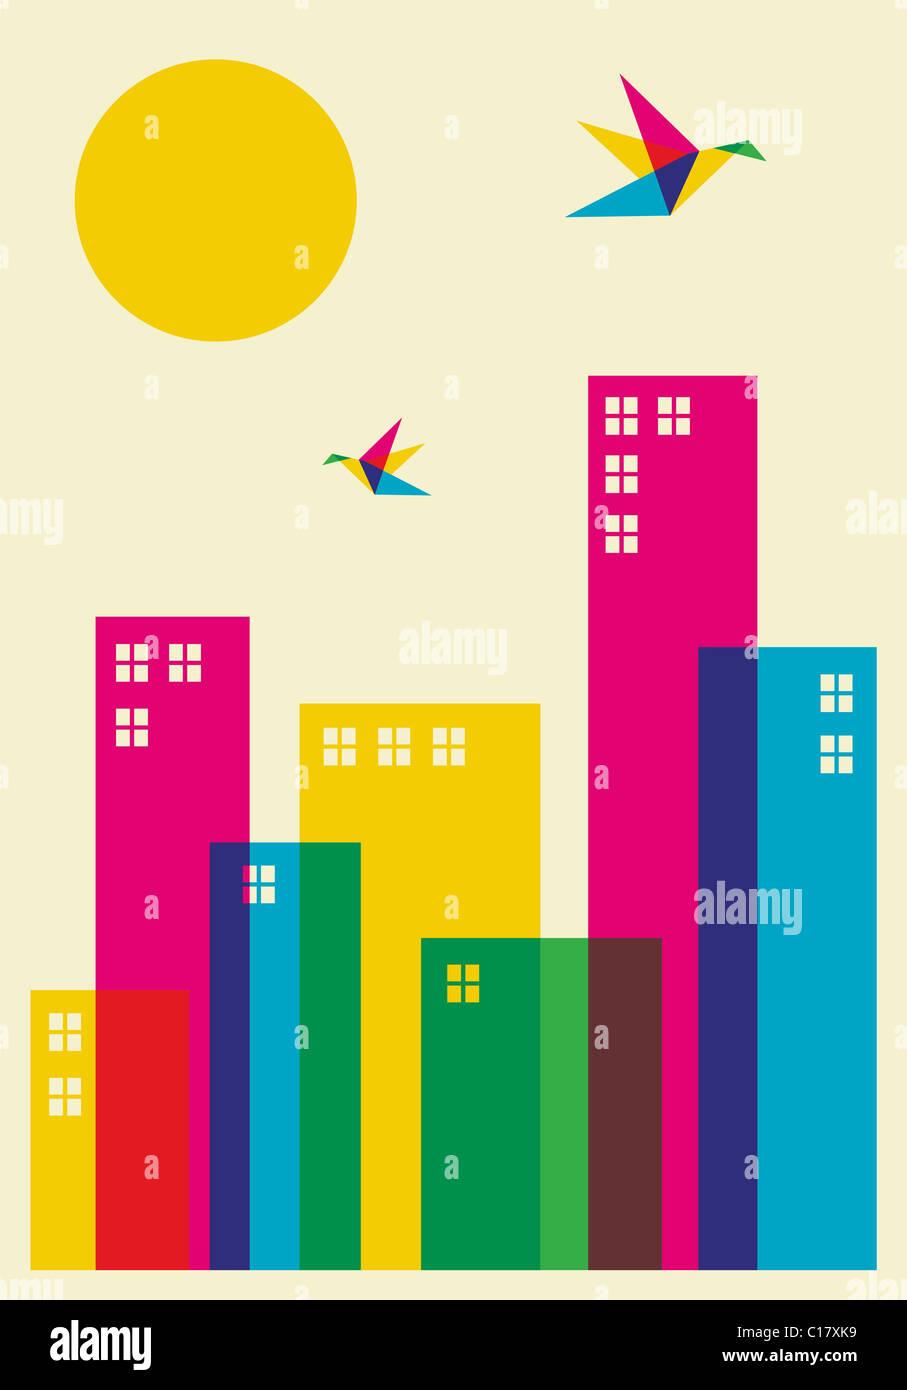 Printemps dans la ville. Couleur complet des colibris volant au-dessus de la ville. Fichier vecteur disponible. Banque D'Images